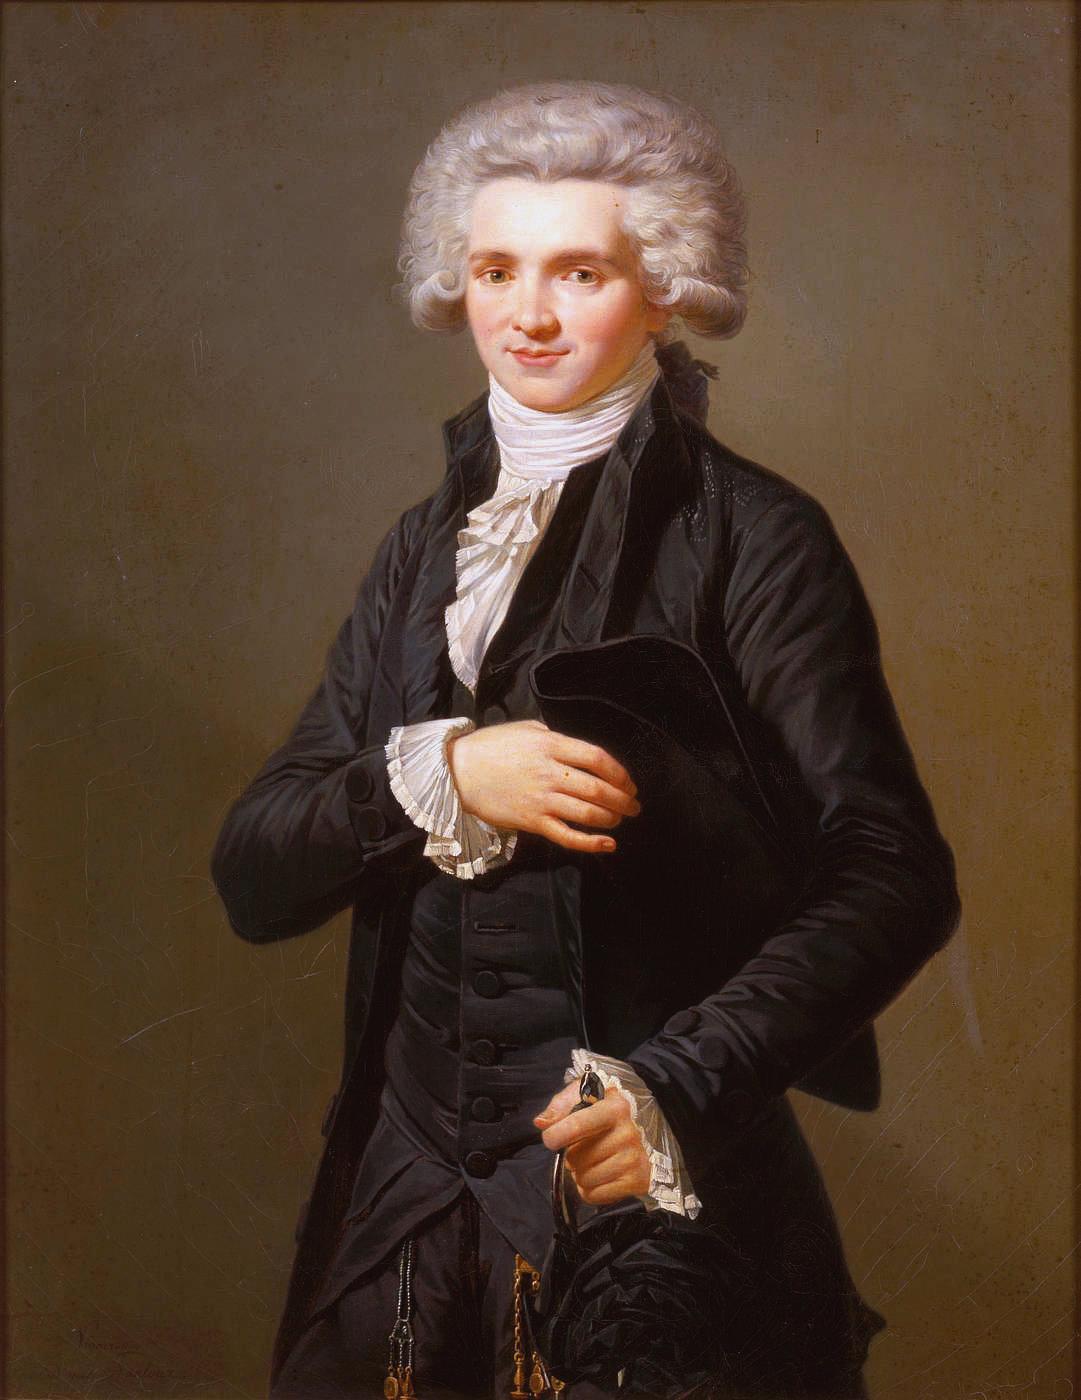 Robespierre, portrait by Labille-Guiard